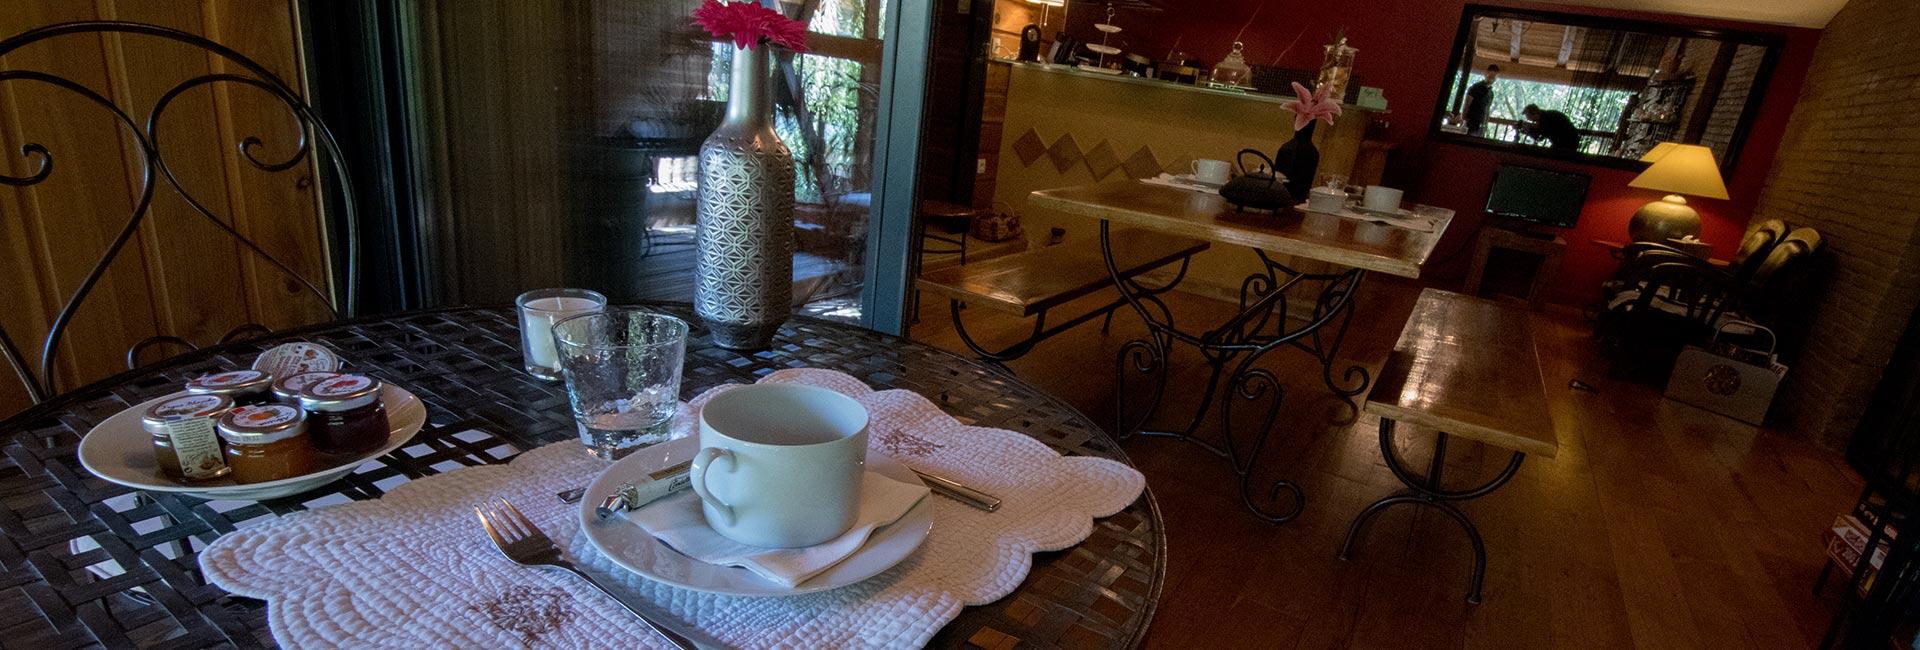 Espace détente et petits-déjeuners en terrasse